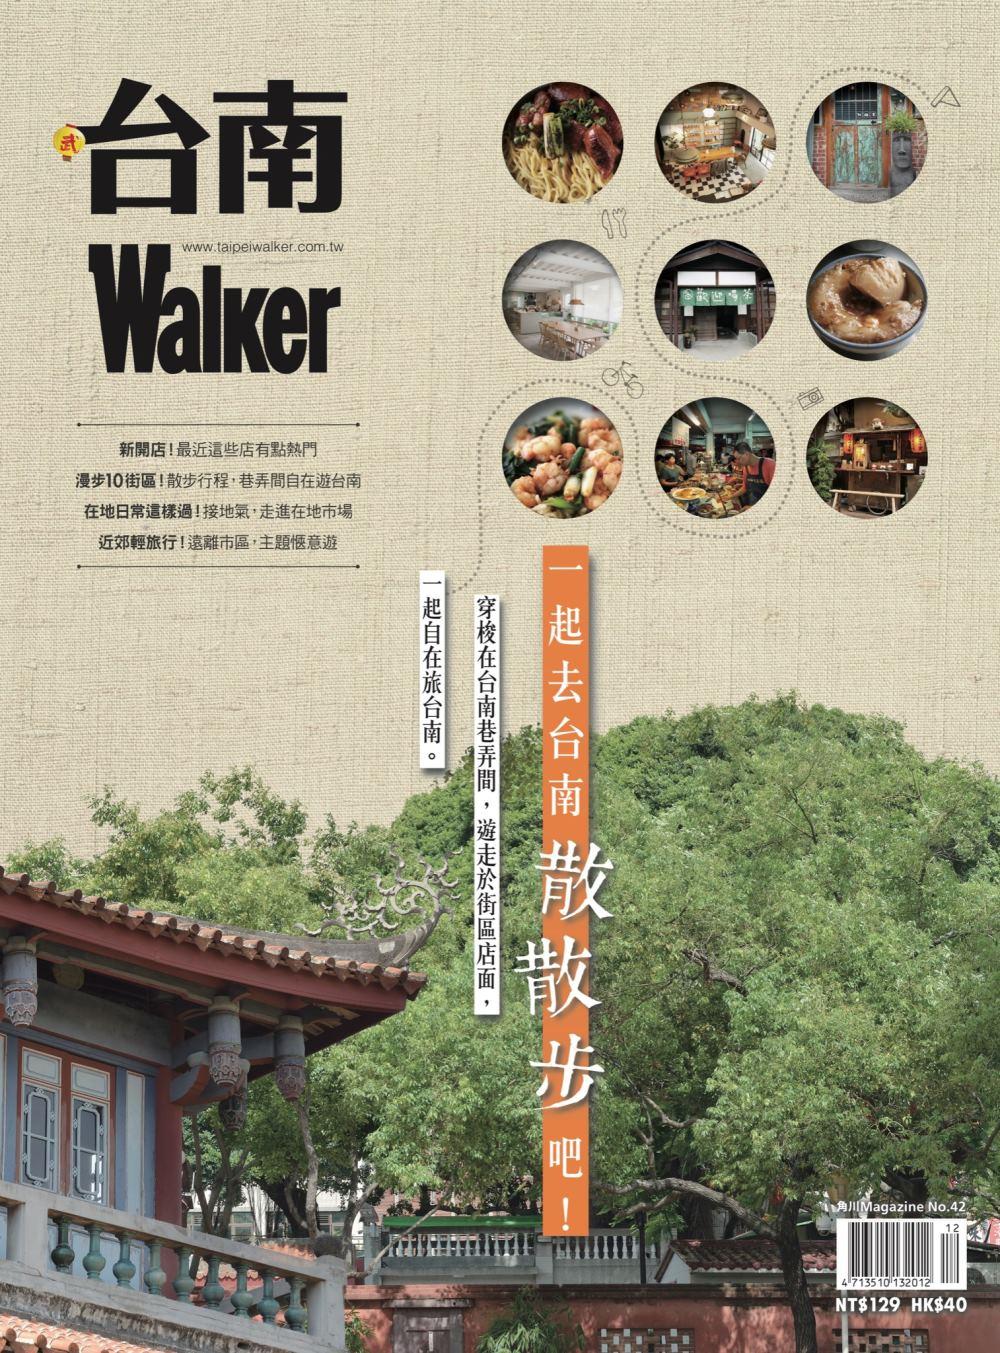 角川 MAGAZINE :台南Walker第42期